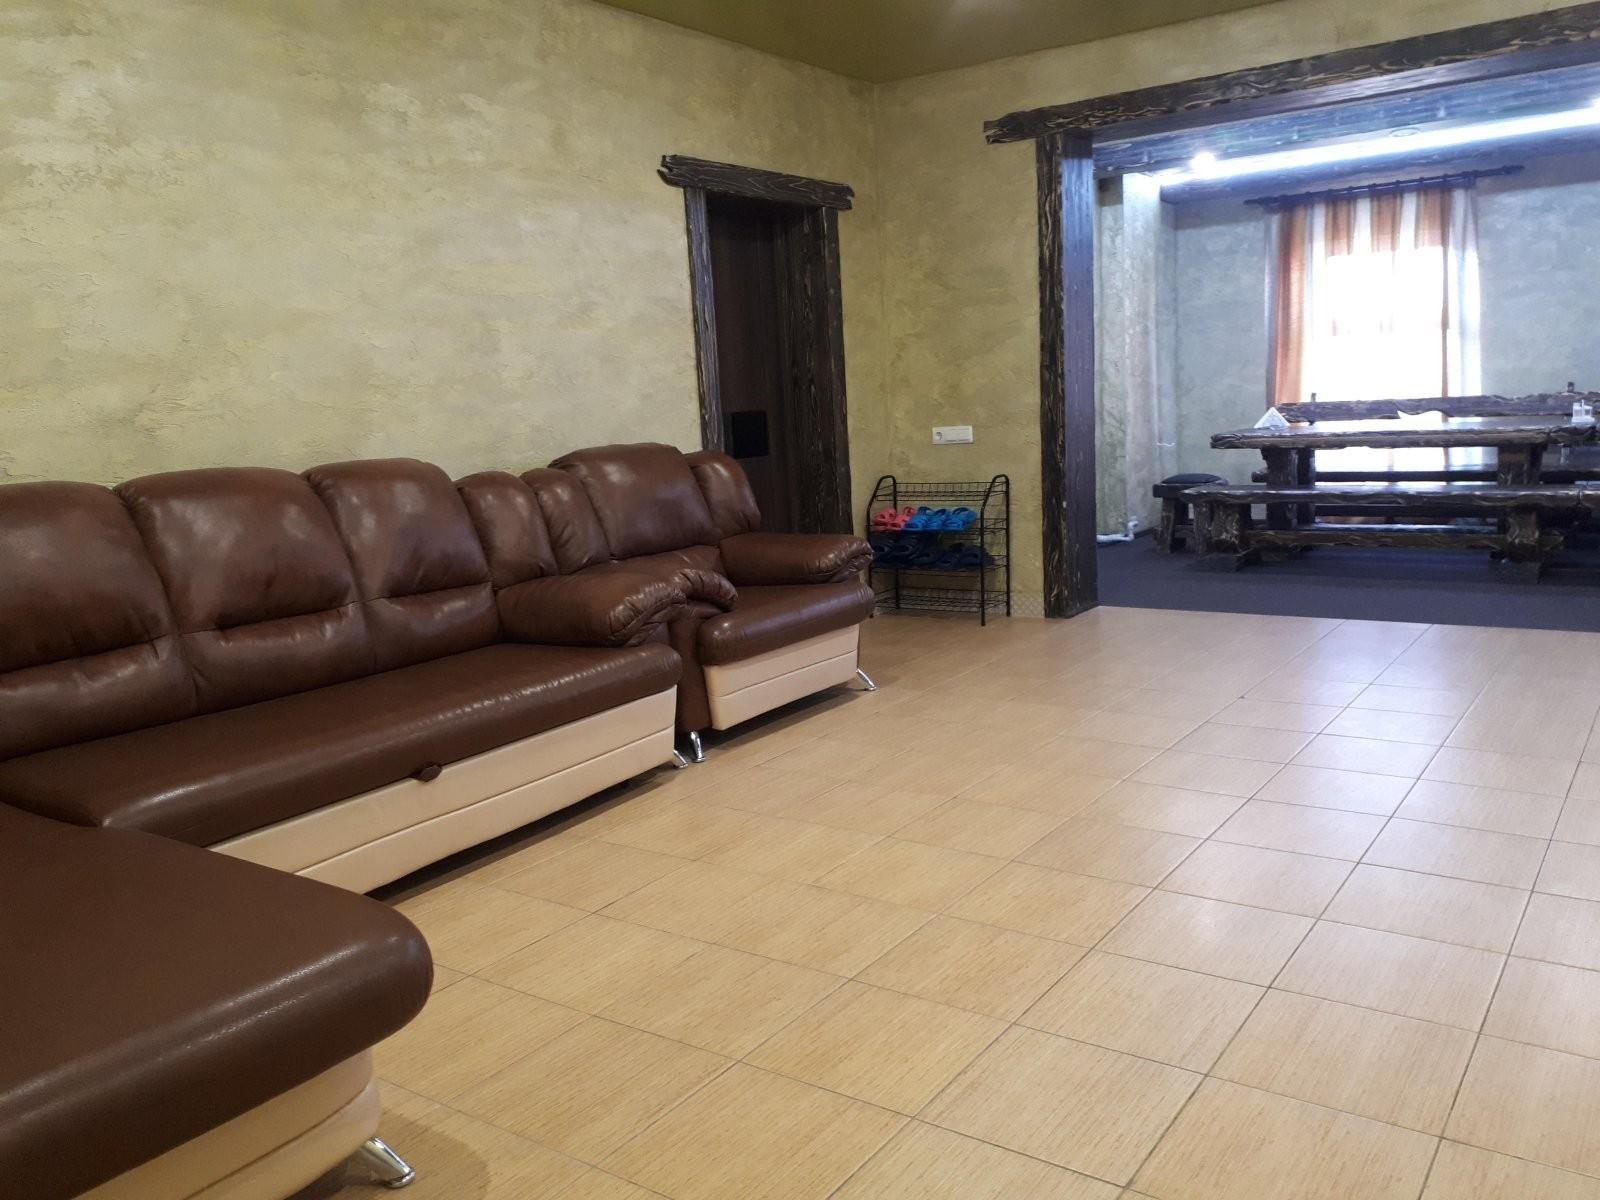 Золотой Стандарт, гостиничный комплекс - №7